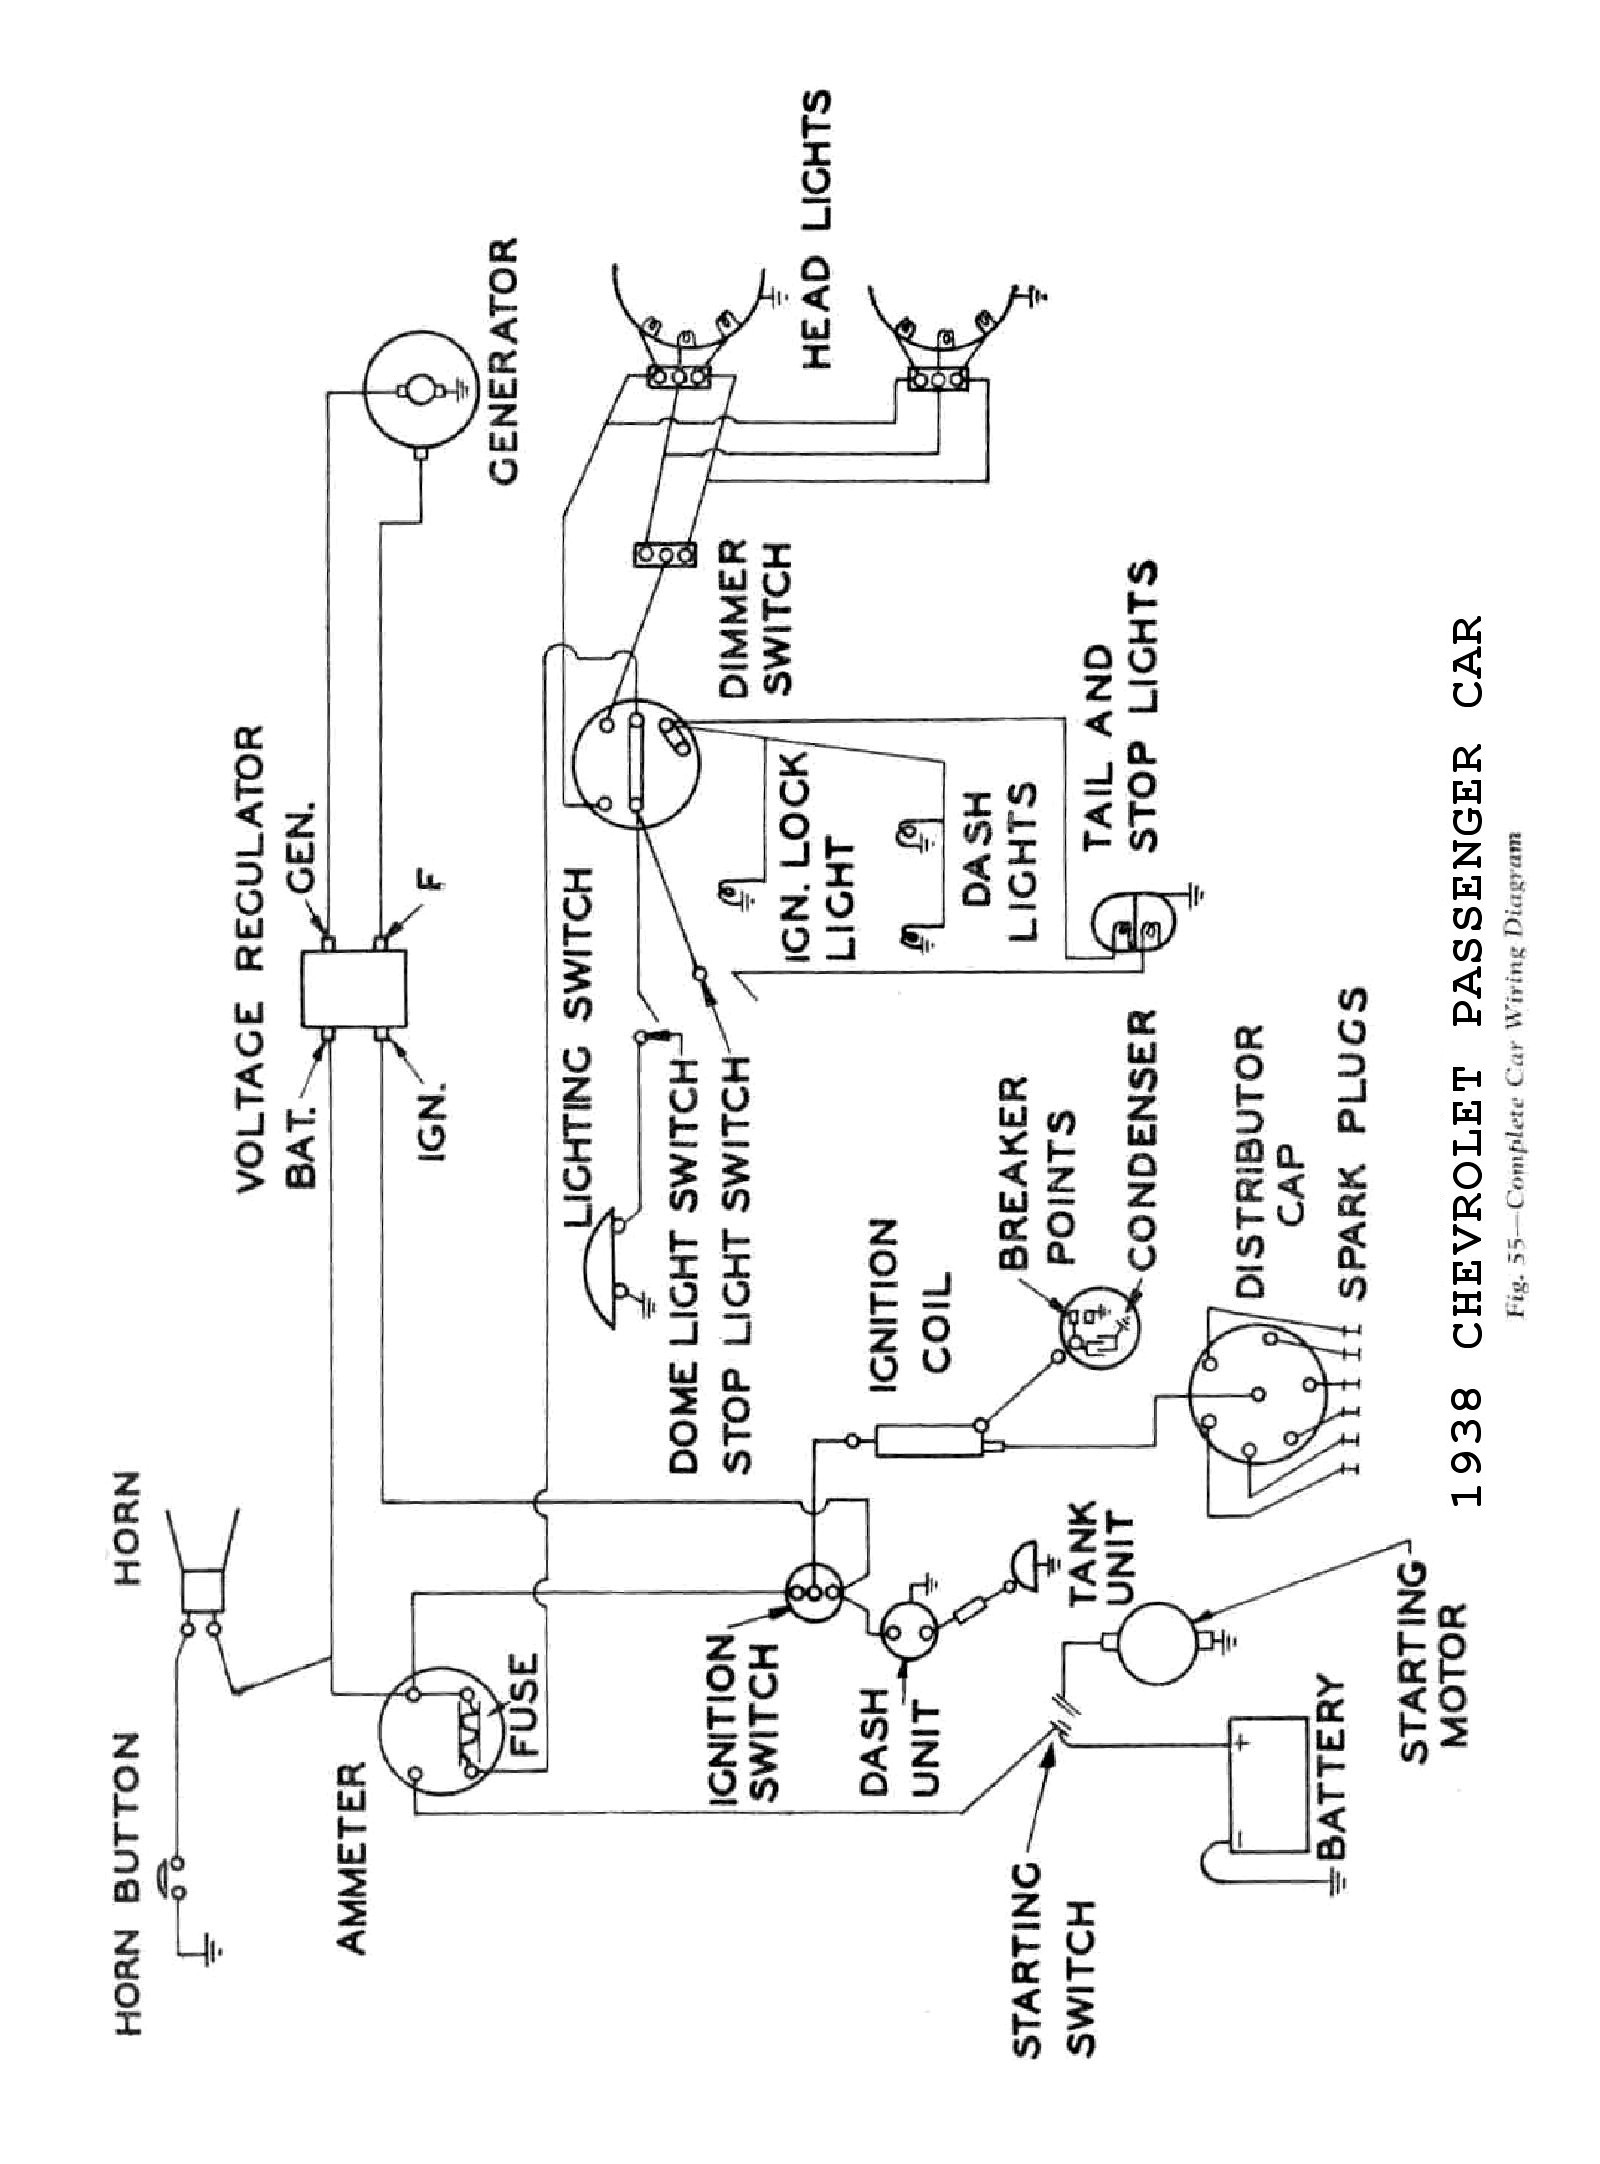 CHEVROLET WIRING DIAGRAMS ELECTRICAL SCHEMATICS 1949-1954 SCHEMATIC DIAGRAM